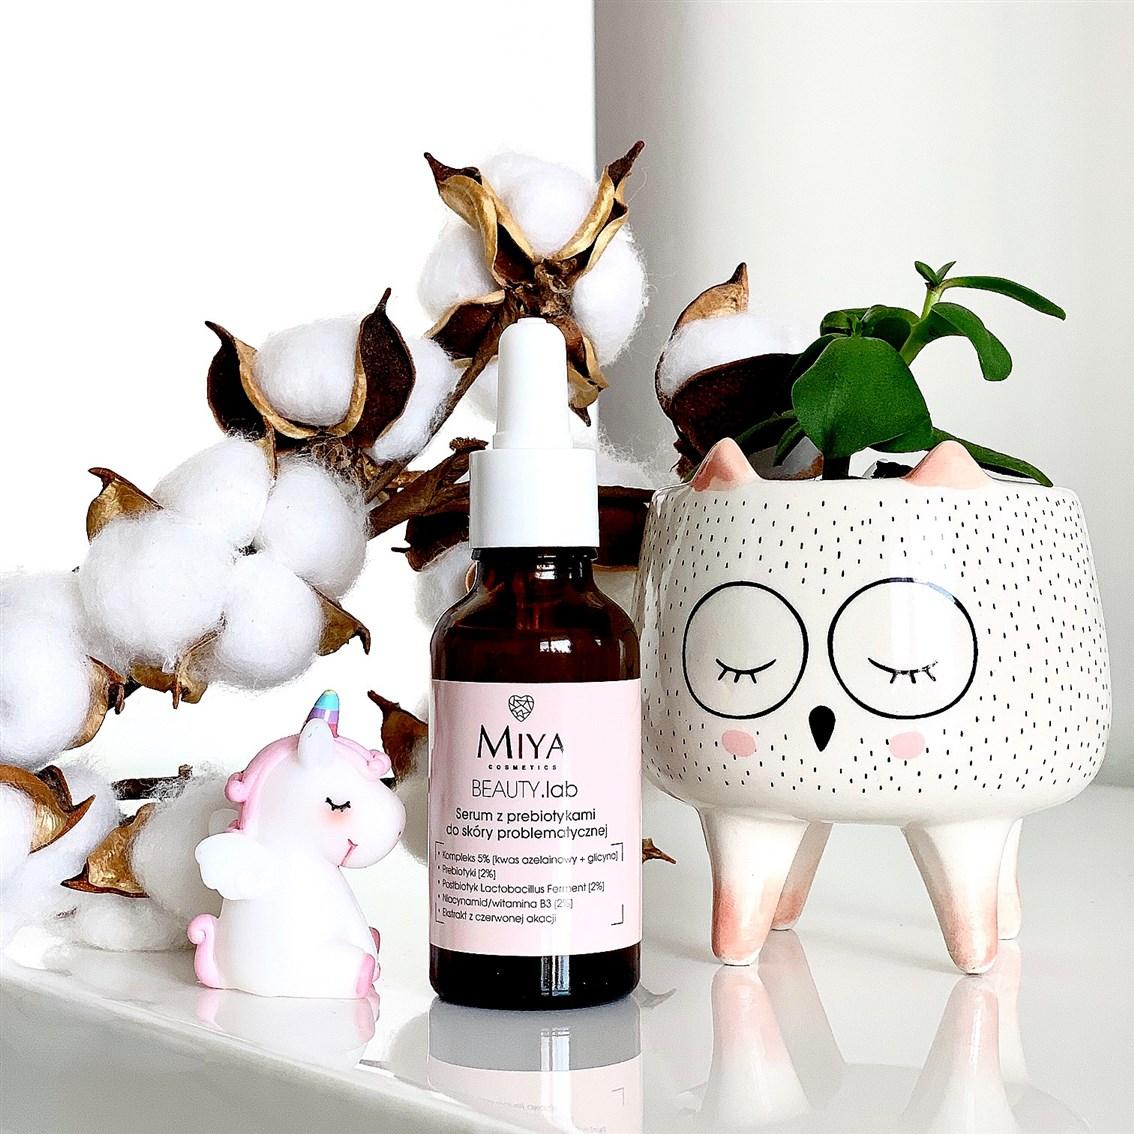 Miya Beauty Lab serum z prebiotykami opinie, blog recenzja